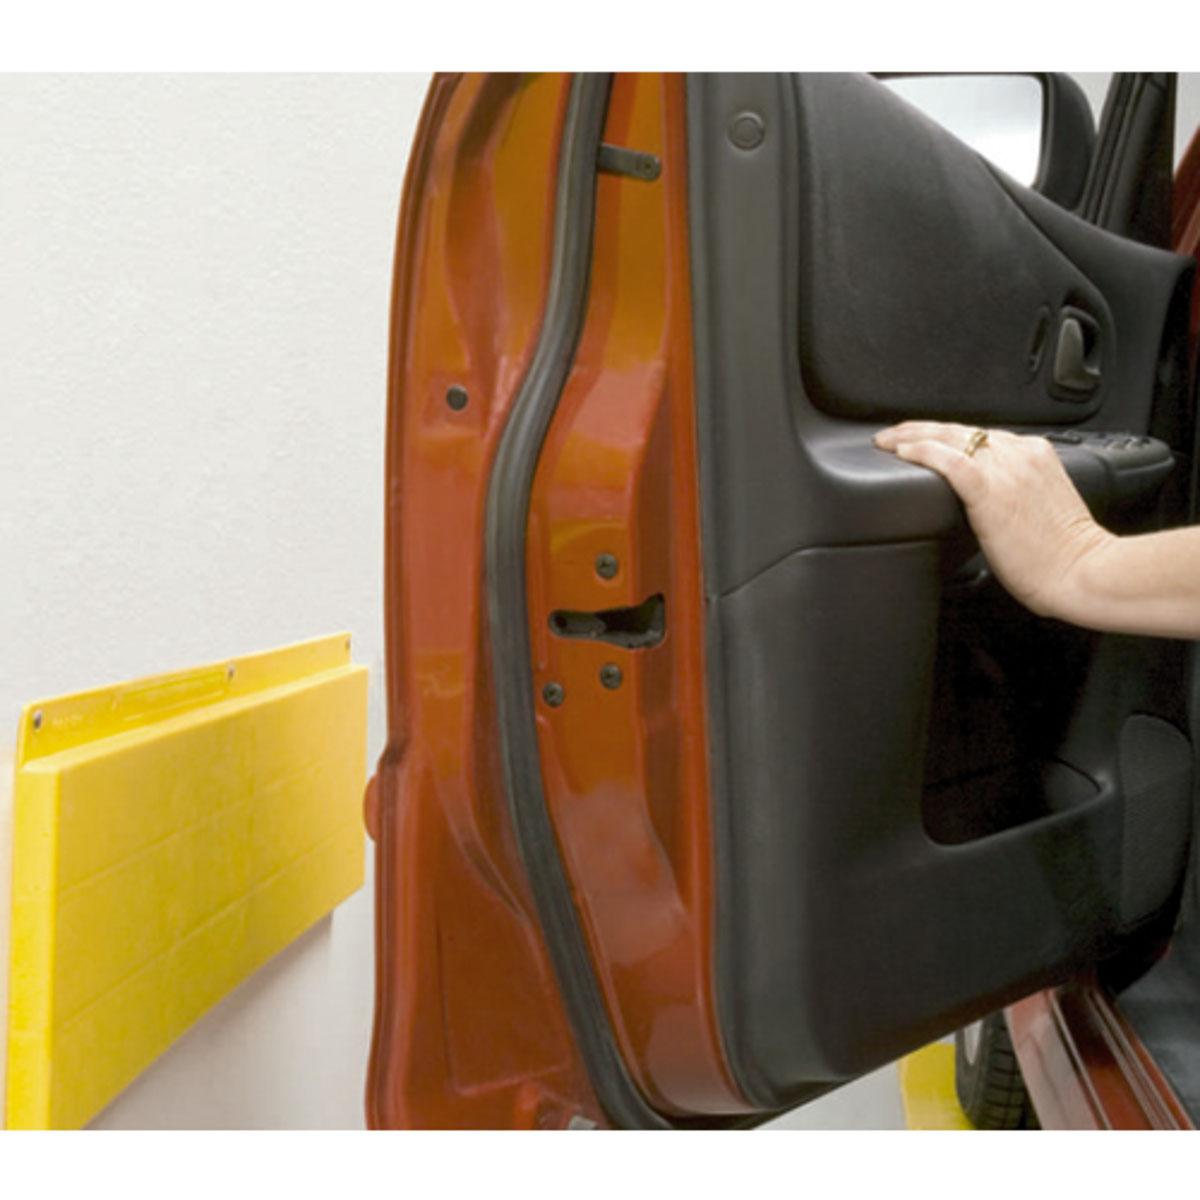 Защитная планка на стену МастерПрофАС.040020Защитит двери вашего автомобиля от ударов о стену во время открывания. Идеальна для узких пространств и гаражей. Устанавливается на стену, крепится саморезами. Размеры: 66 x 16,5 x 1,5 см.